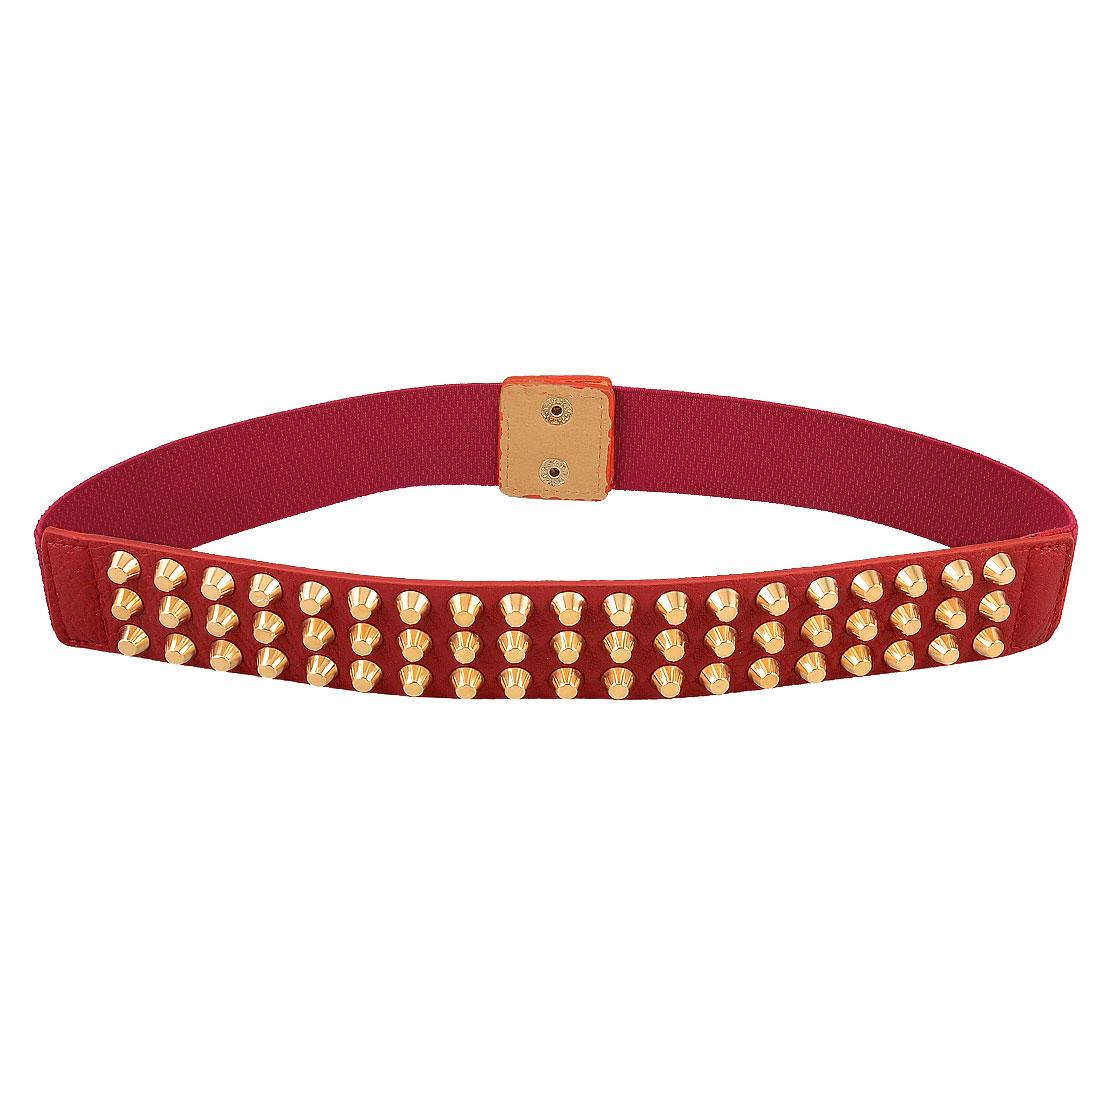 Women Press Stud Button Gold Tone Studs Decor Elastic Waistband Belt Red